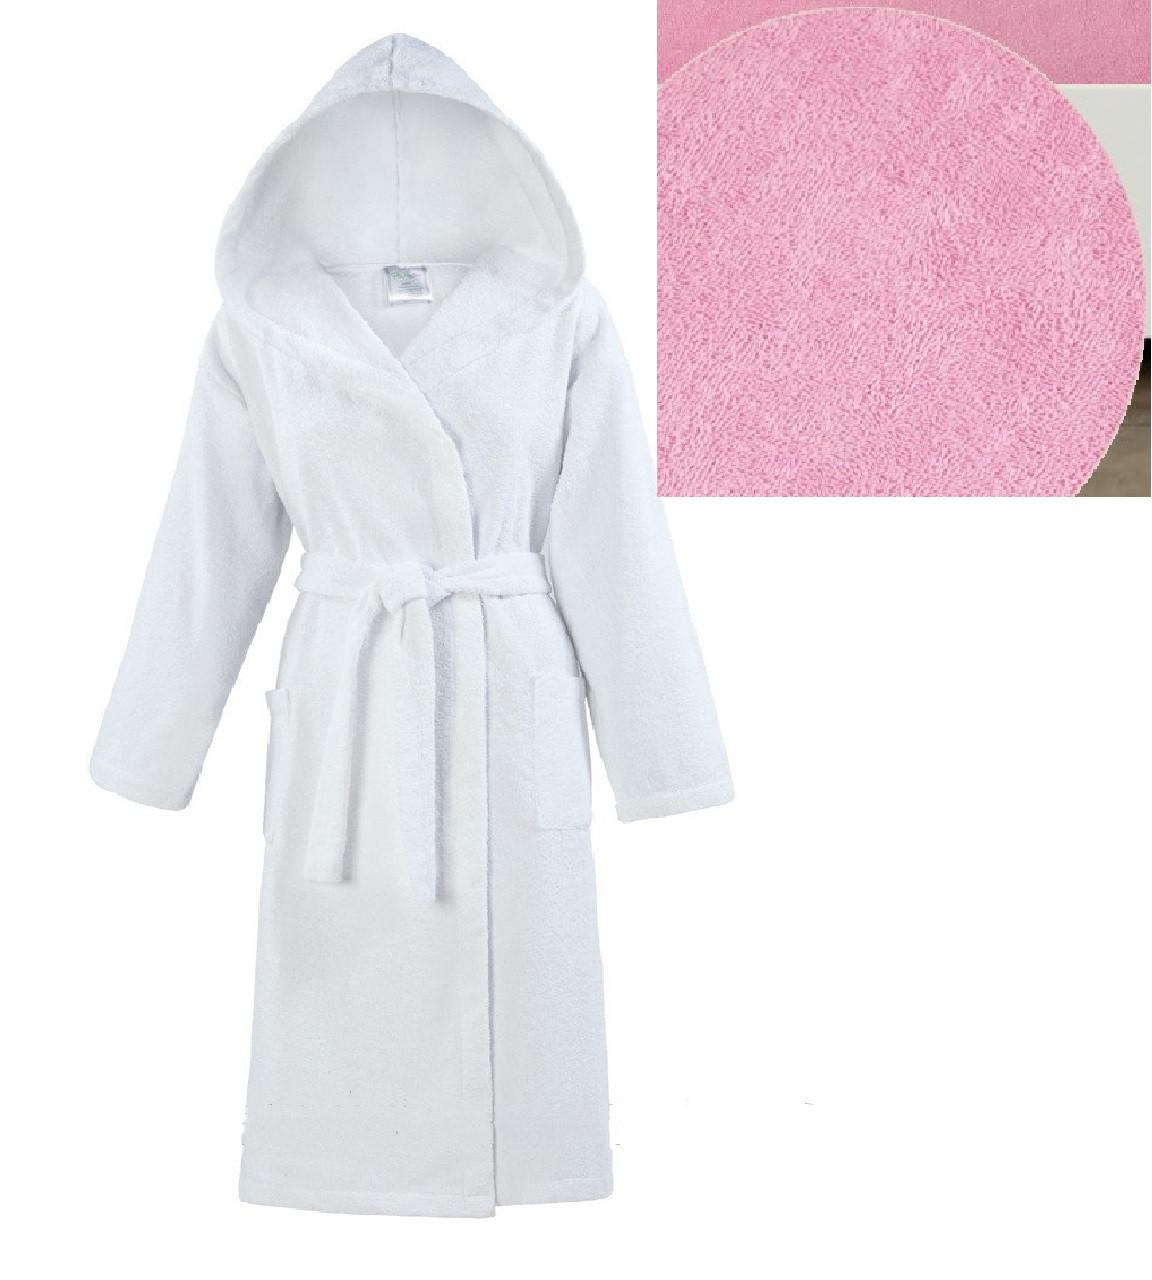 617239bccb12 Махровый халат с капюшоном м.119-В ТМ Ярослав, розовый, цена 707 грн.,  купить в Киеве — Prom.ua (ID#529146585)